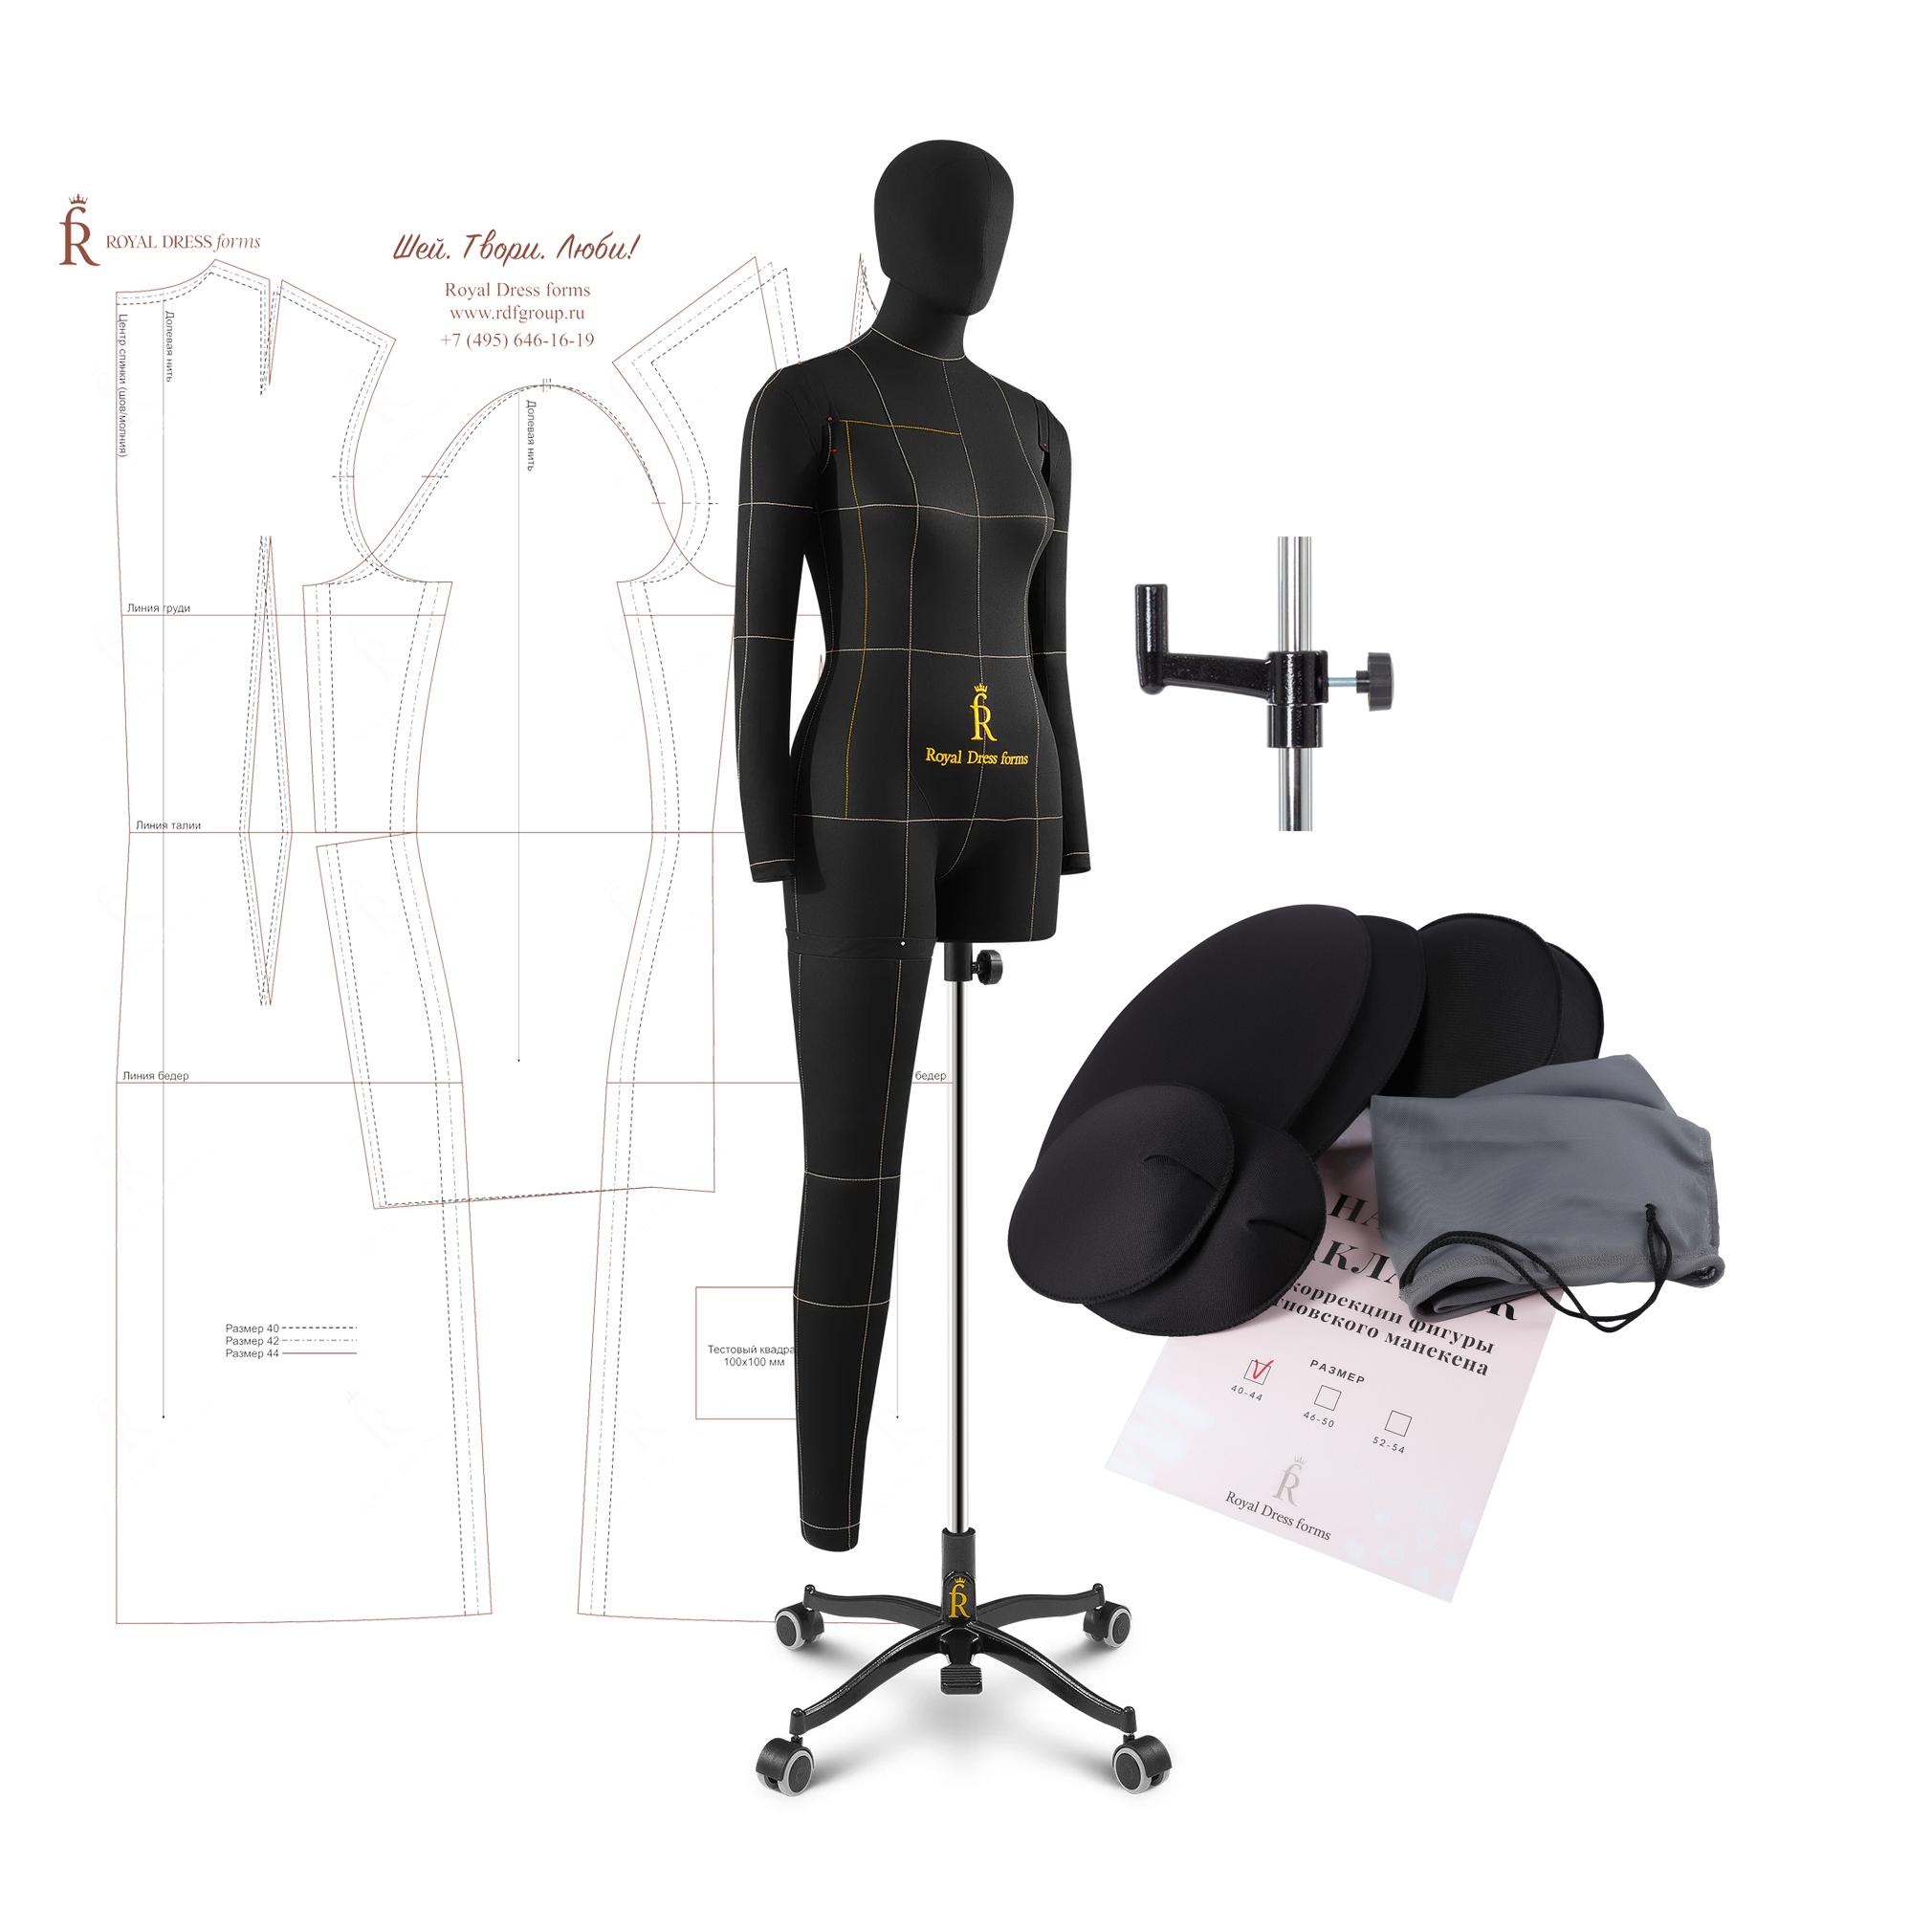 ен портновский Моника, комплект Про, размер 44, цвет черный, в комплекте накладки, руки, нога и голова